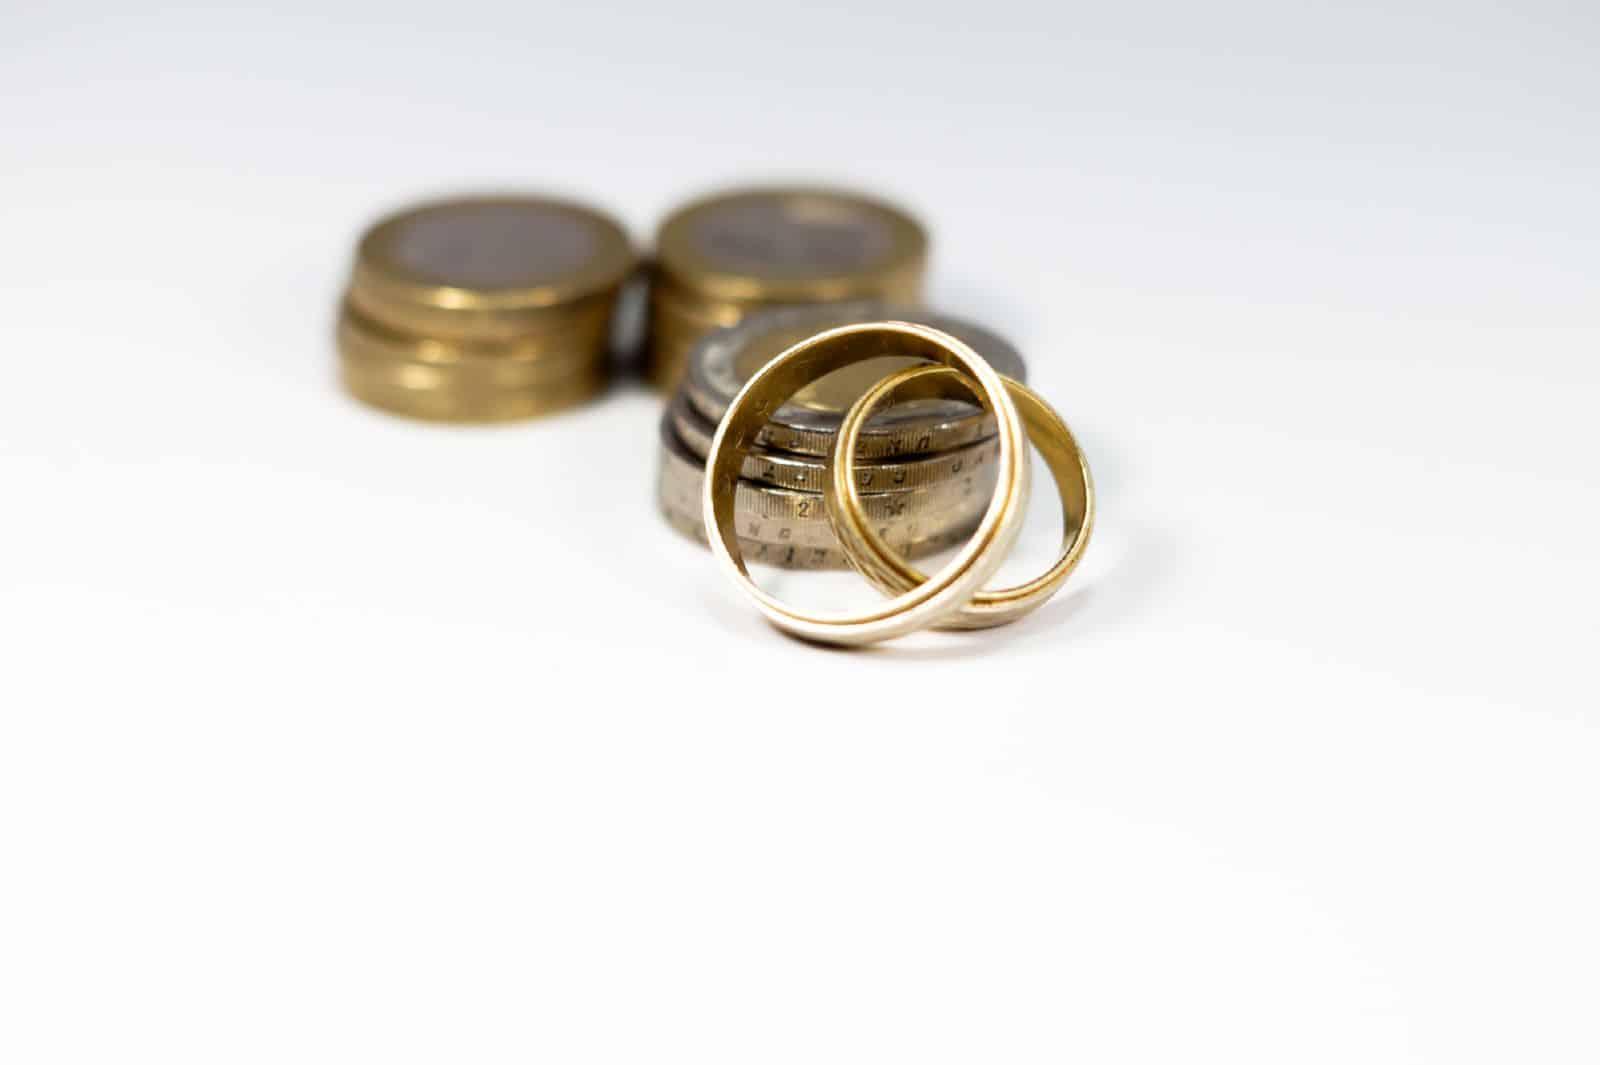 Сколько стоит госпошлина на регистрацию брака в 2019 году